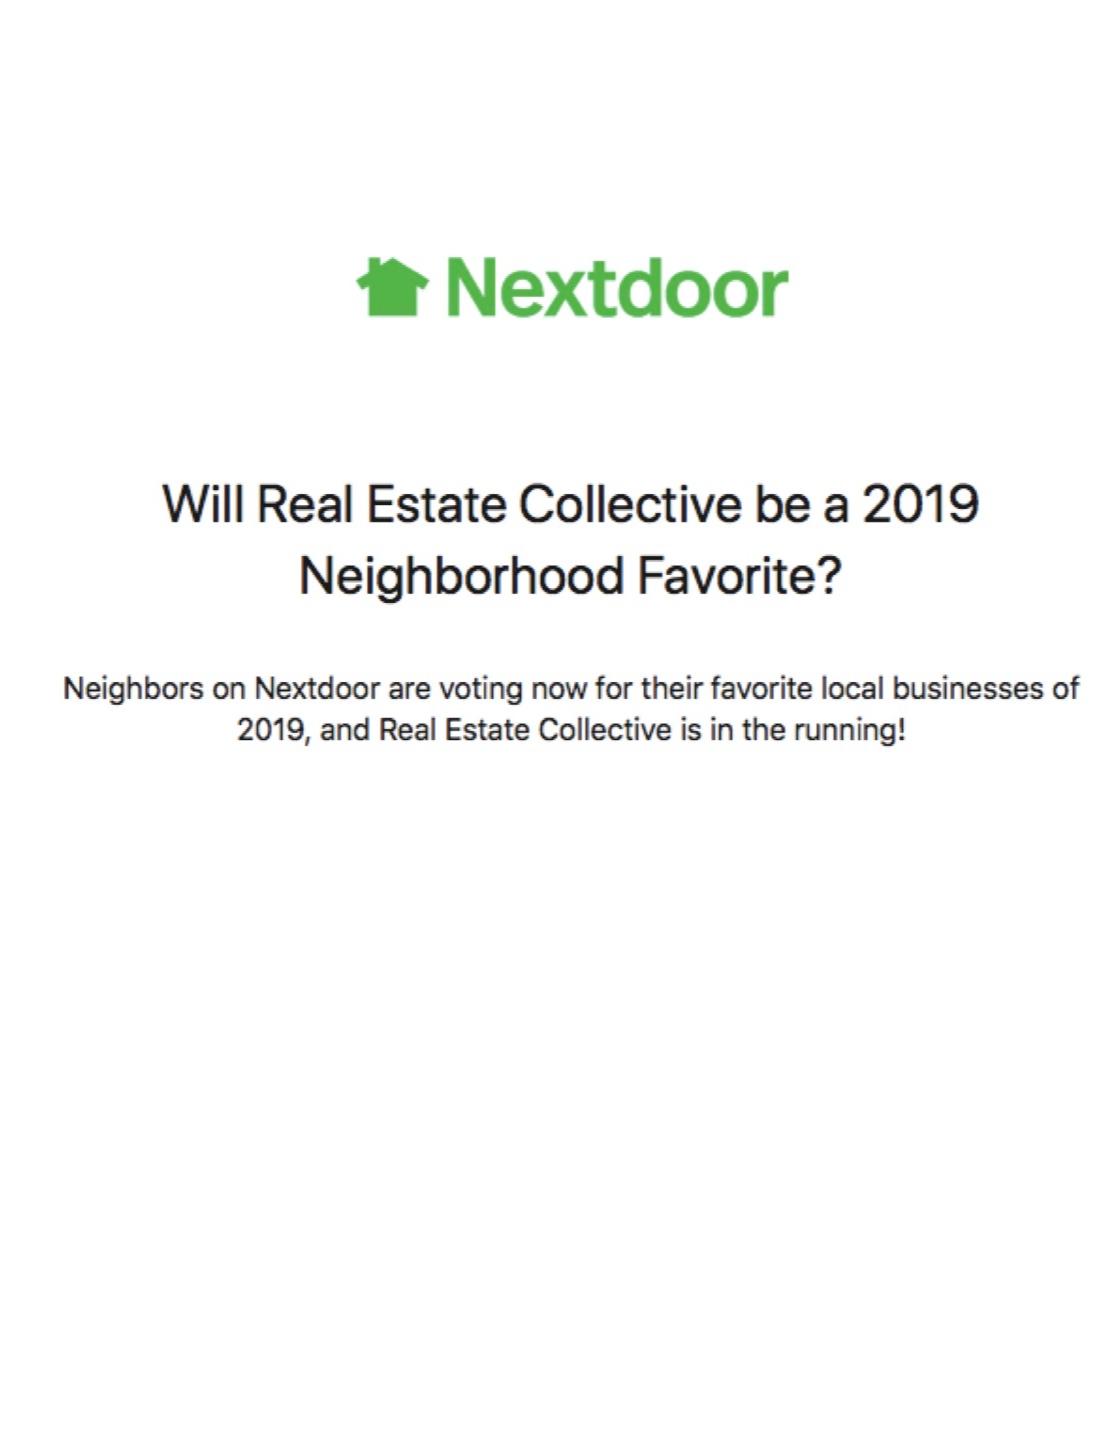 Nextdoor.jpg